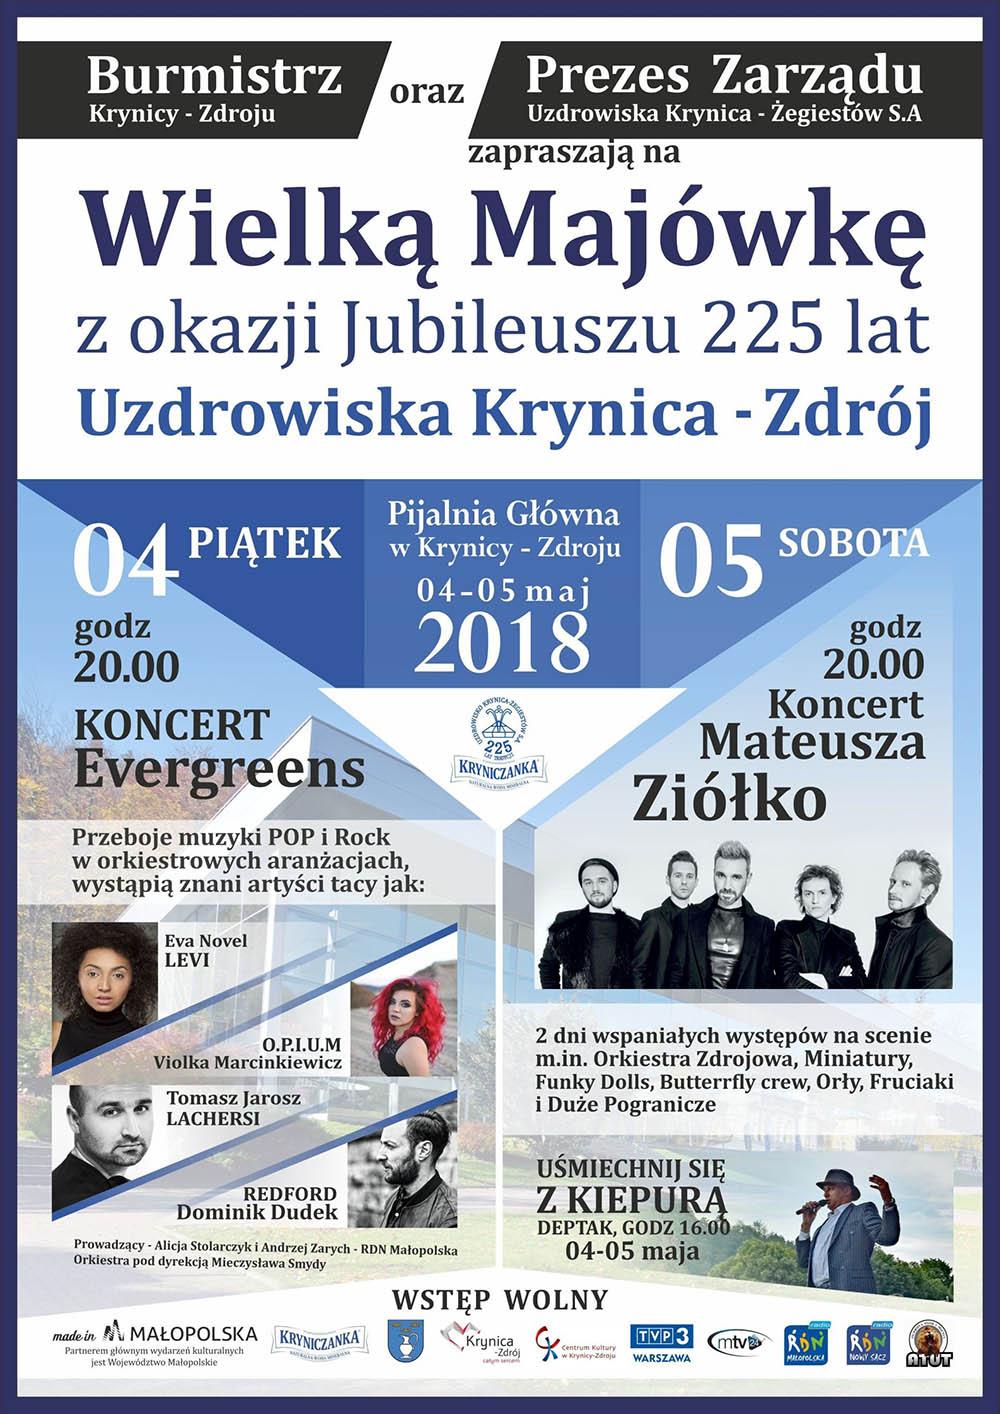 Wielka Majówka z okazji Jubileuszu 225 lat Uzdrowiska Krynica-Zdrój - plakat